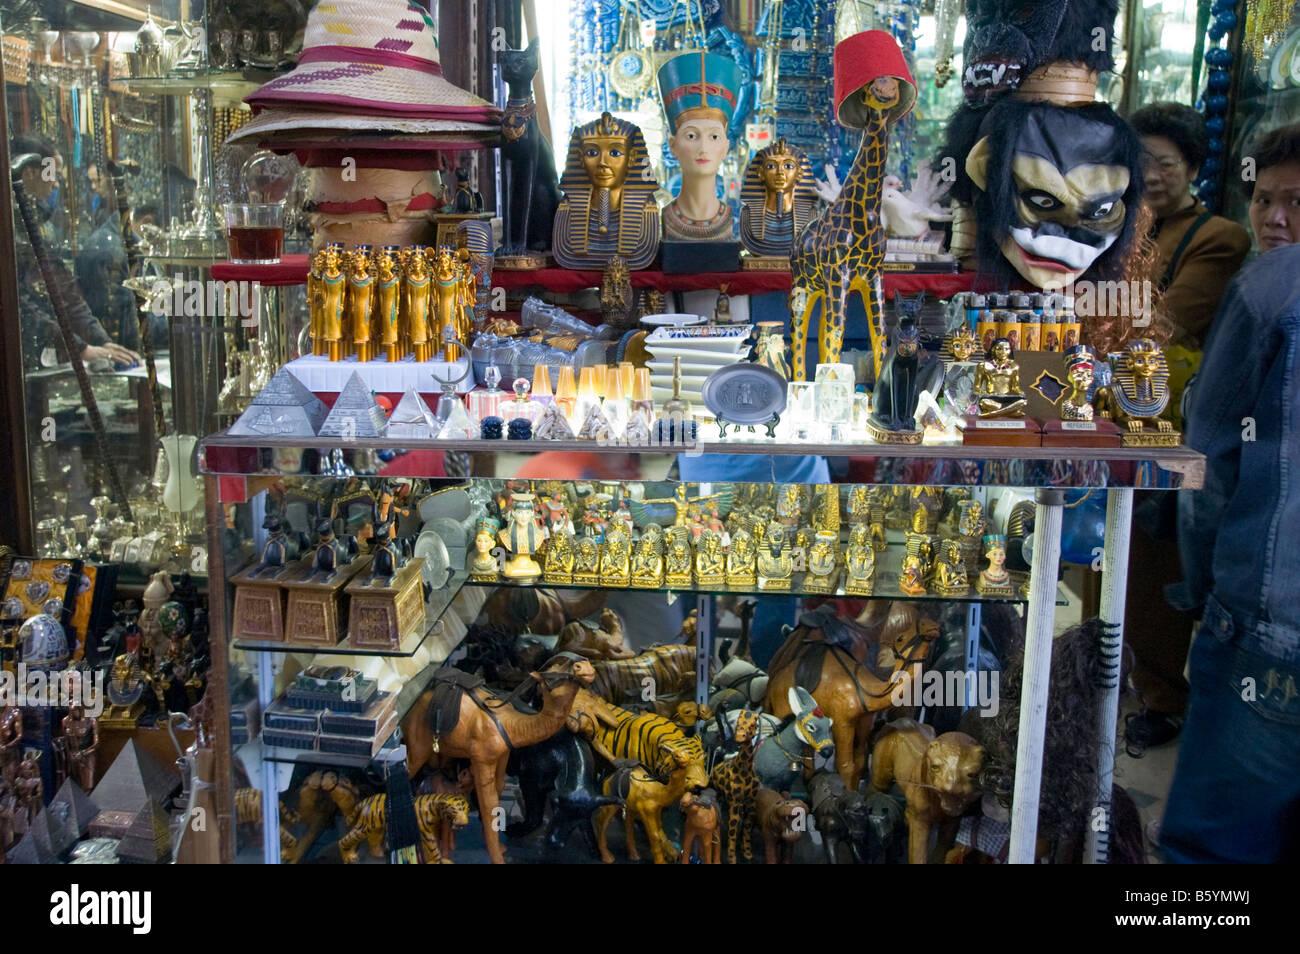 Egyptian Souvenir Stall Cairo Egypt Stock Photo Royalty